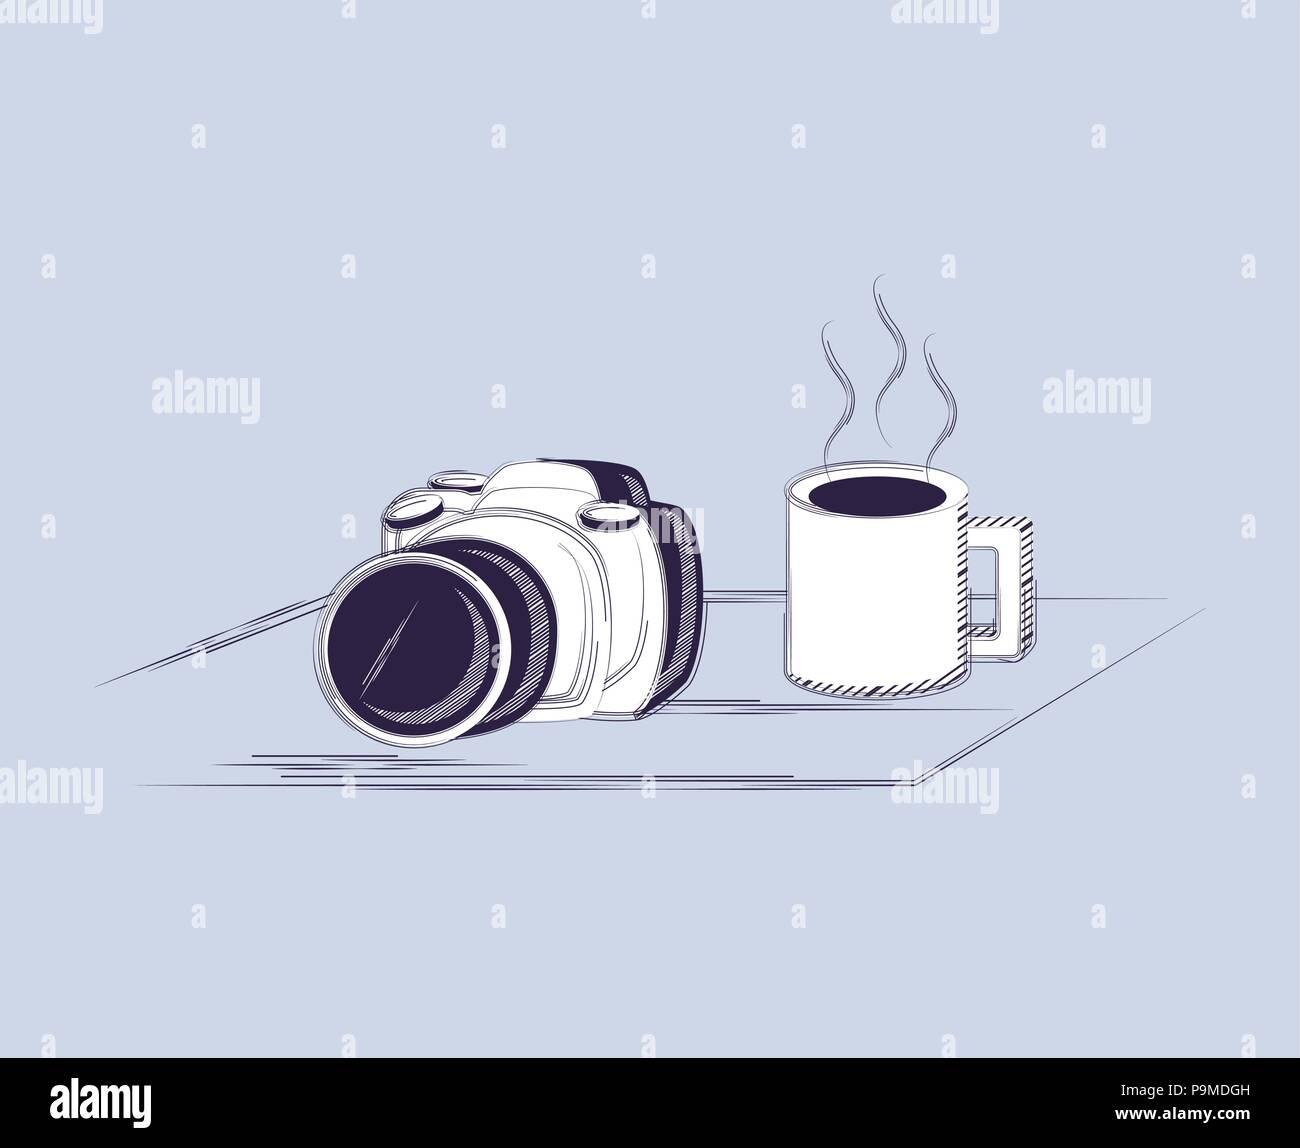 Appareil photographique et tasse à café sur fond bleu, croquis coloré design. vector illustration Illustration de Vecteur